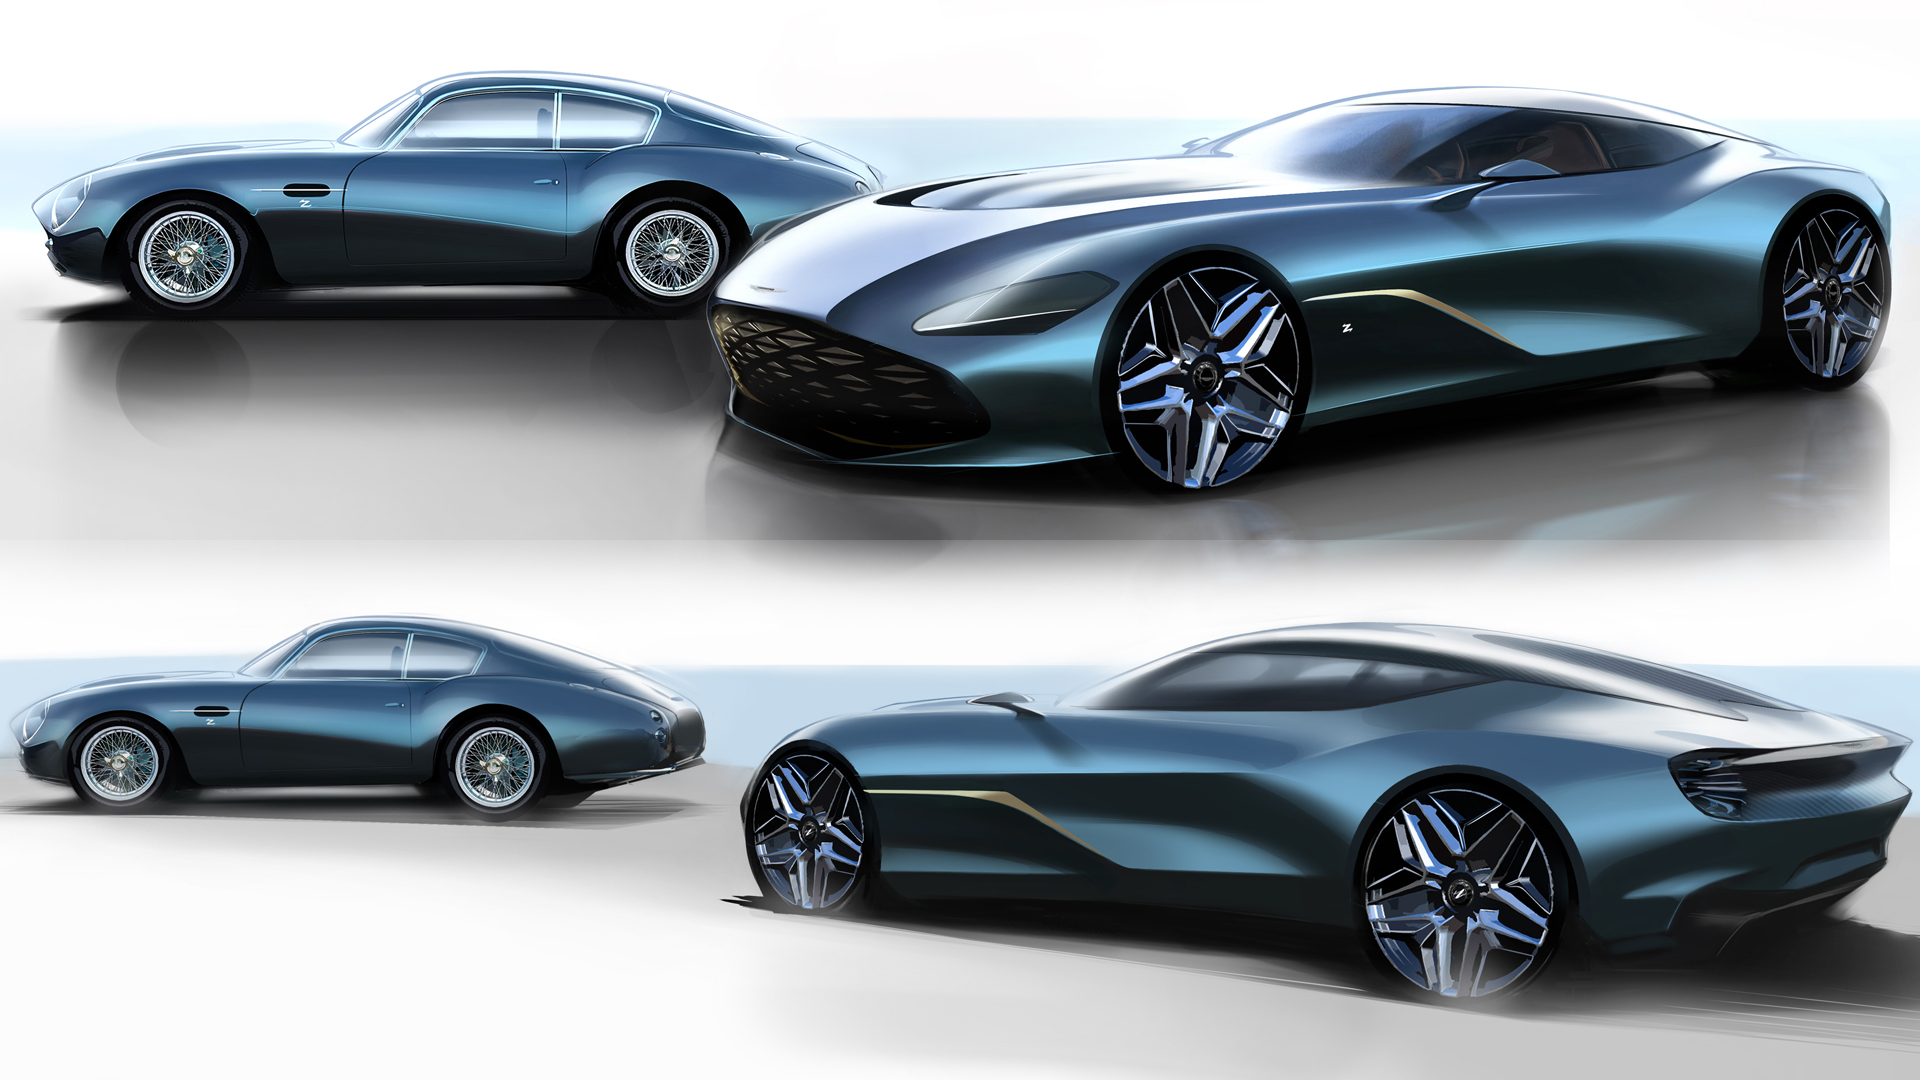 Aston Martin DB4 GT Zagato Continuation и Aston Martin DBS GT Zagato